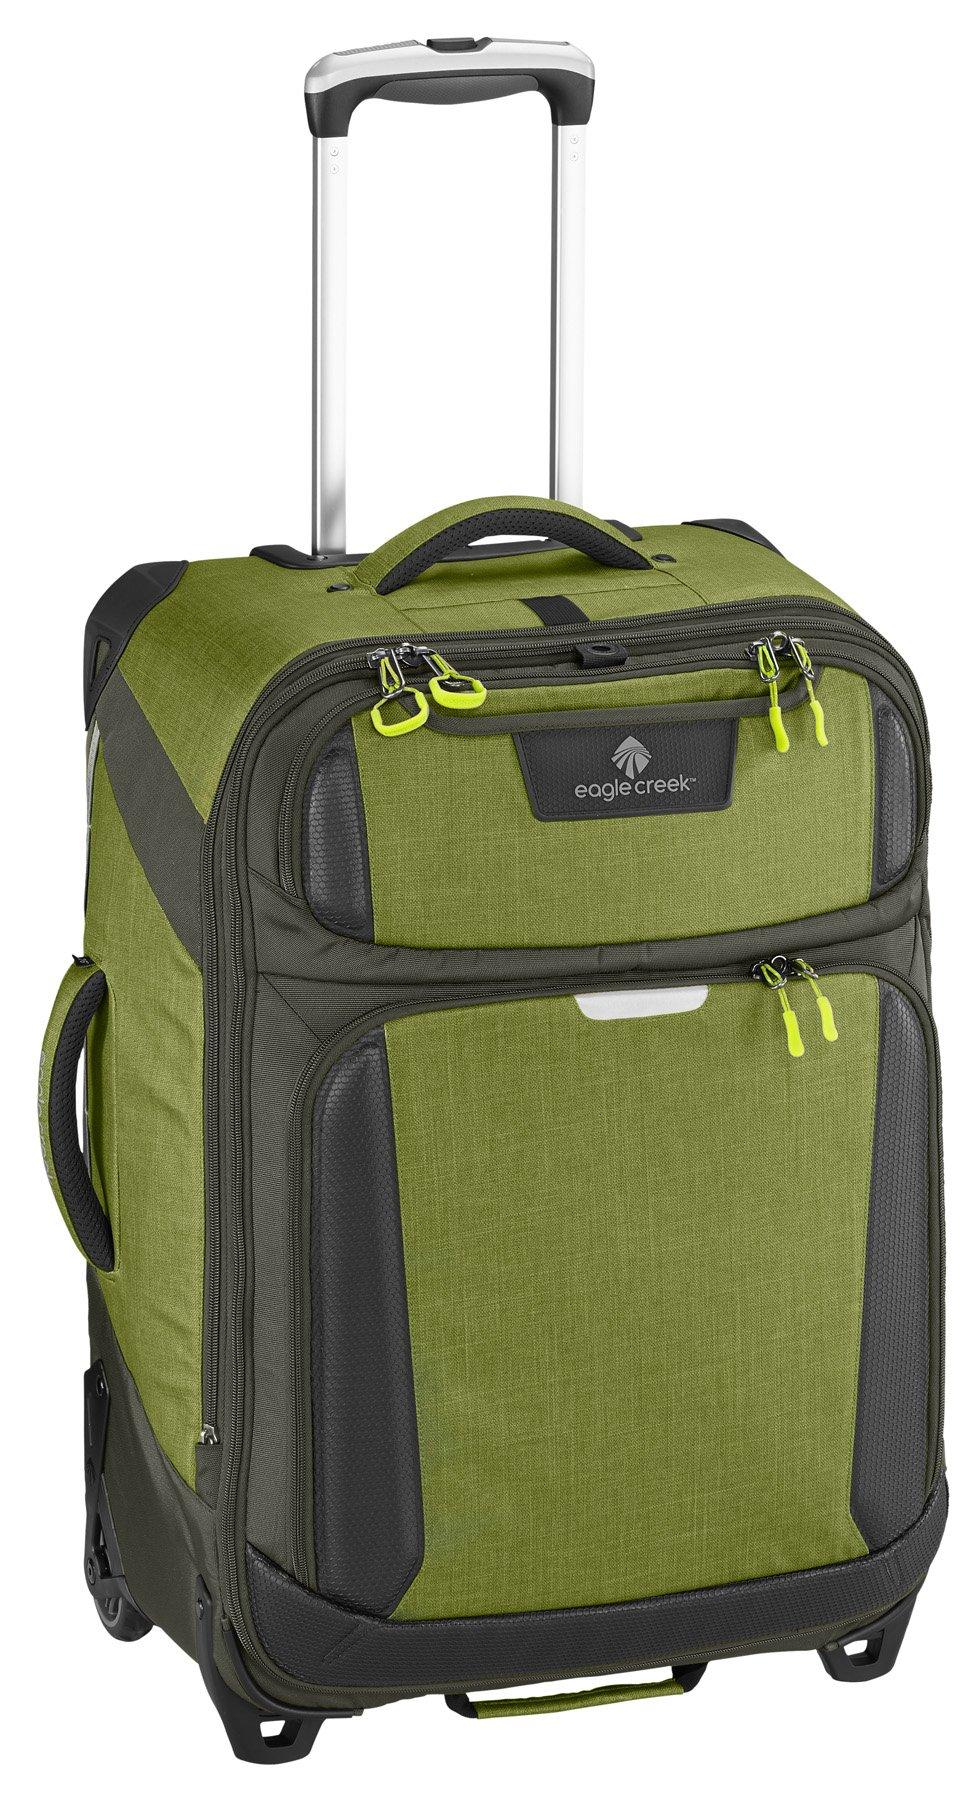 Eagle Creek Tarmac 26 inch Luggage, Highland Green